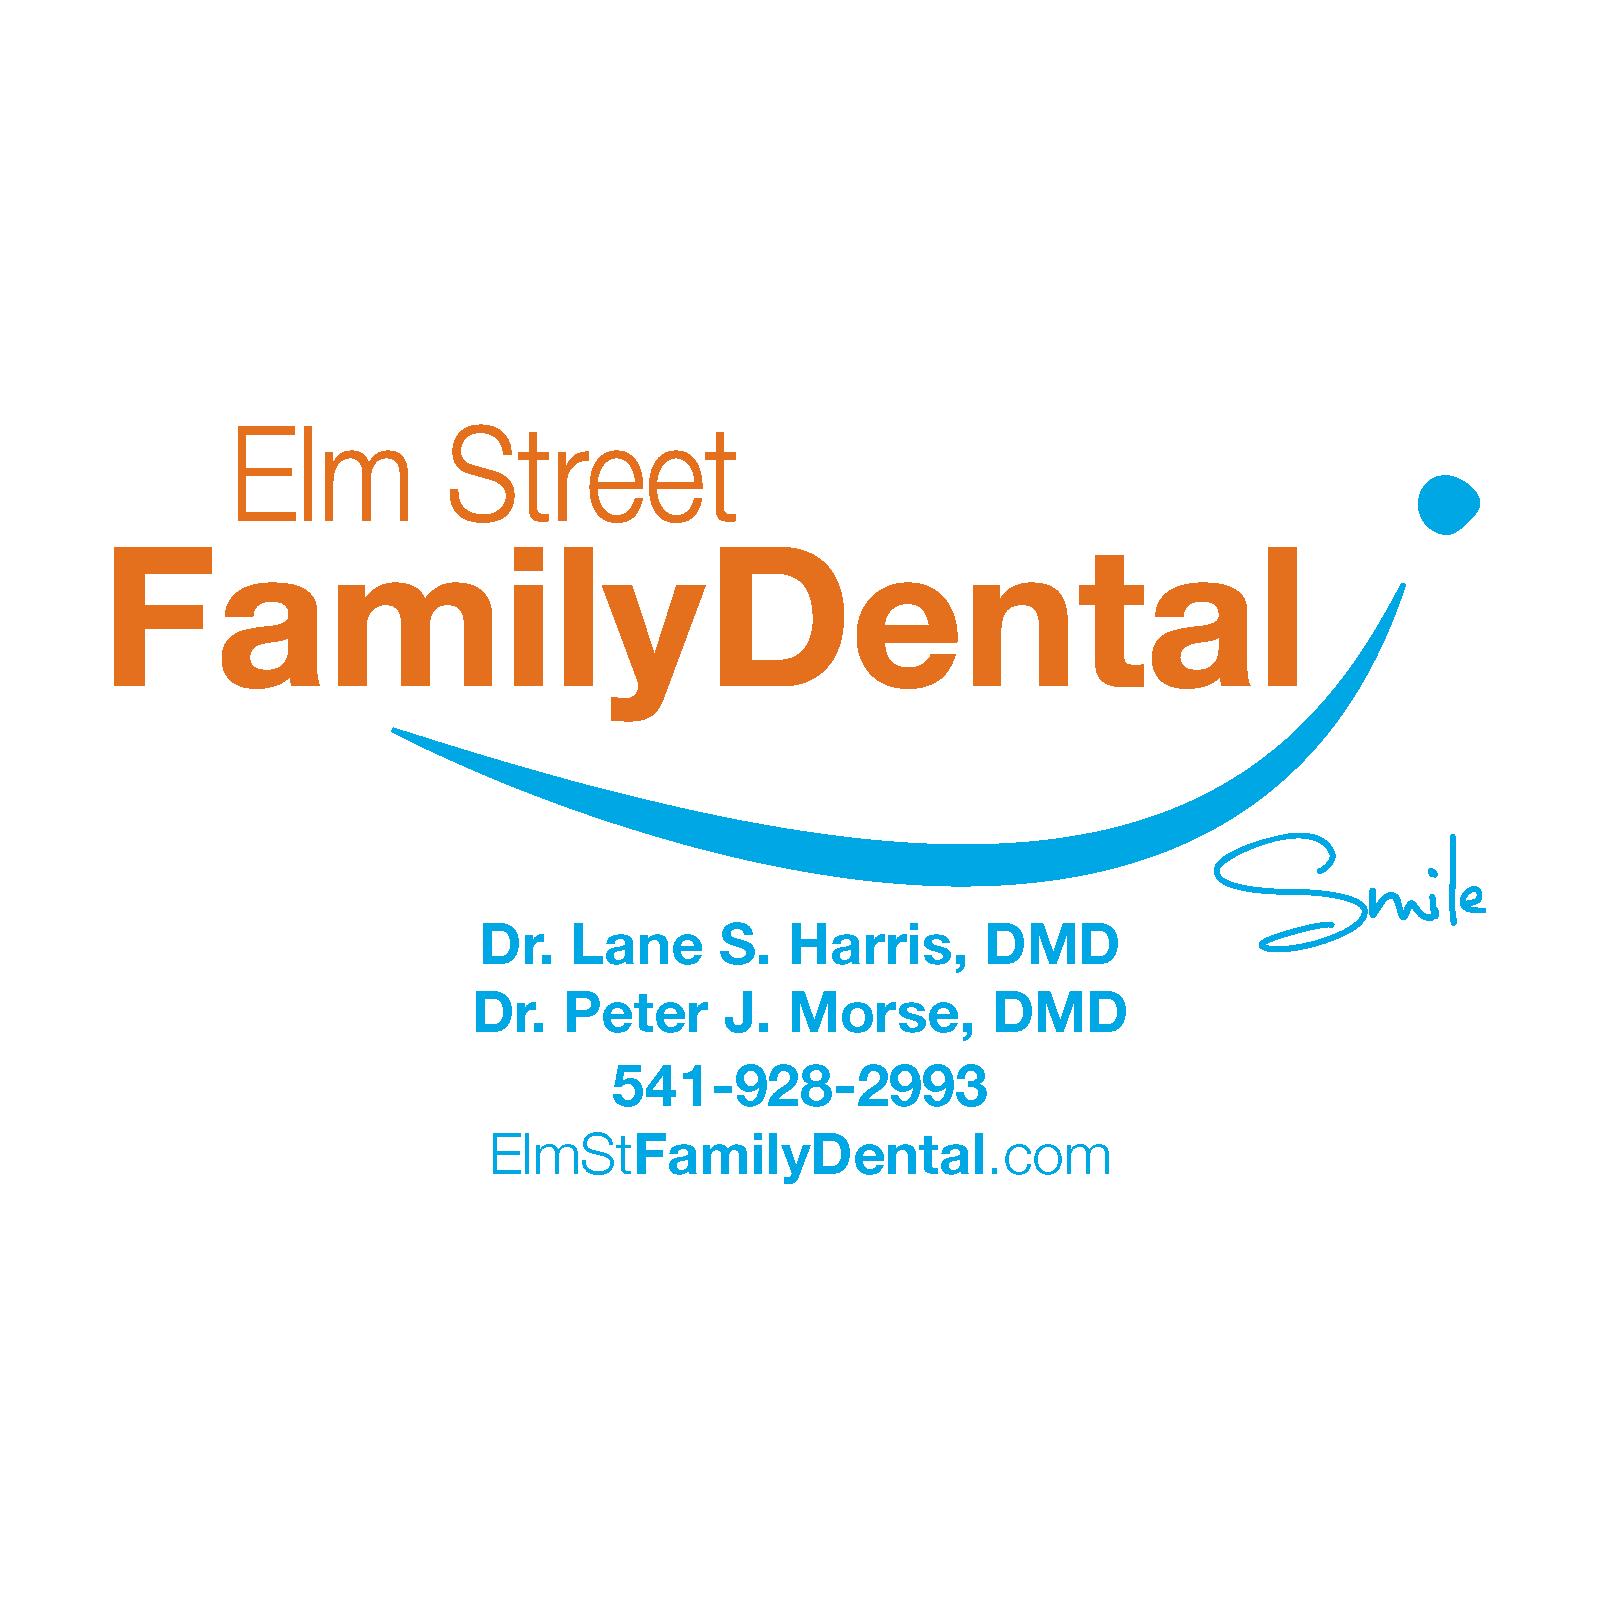 Elm Street Family Dental